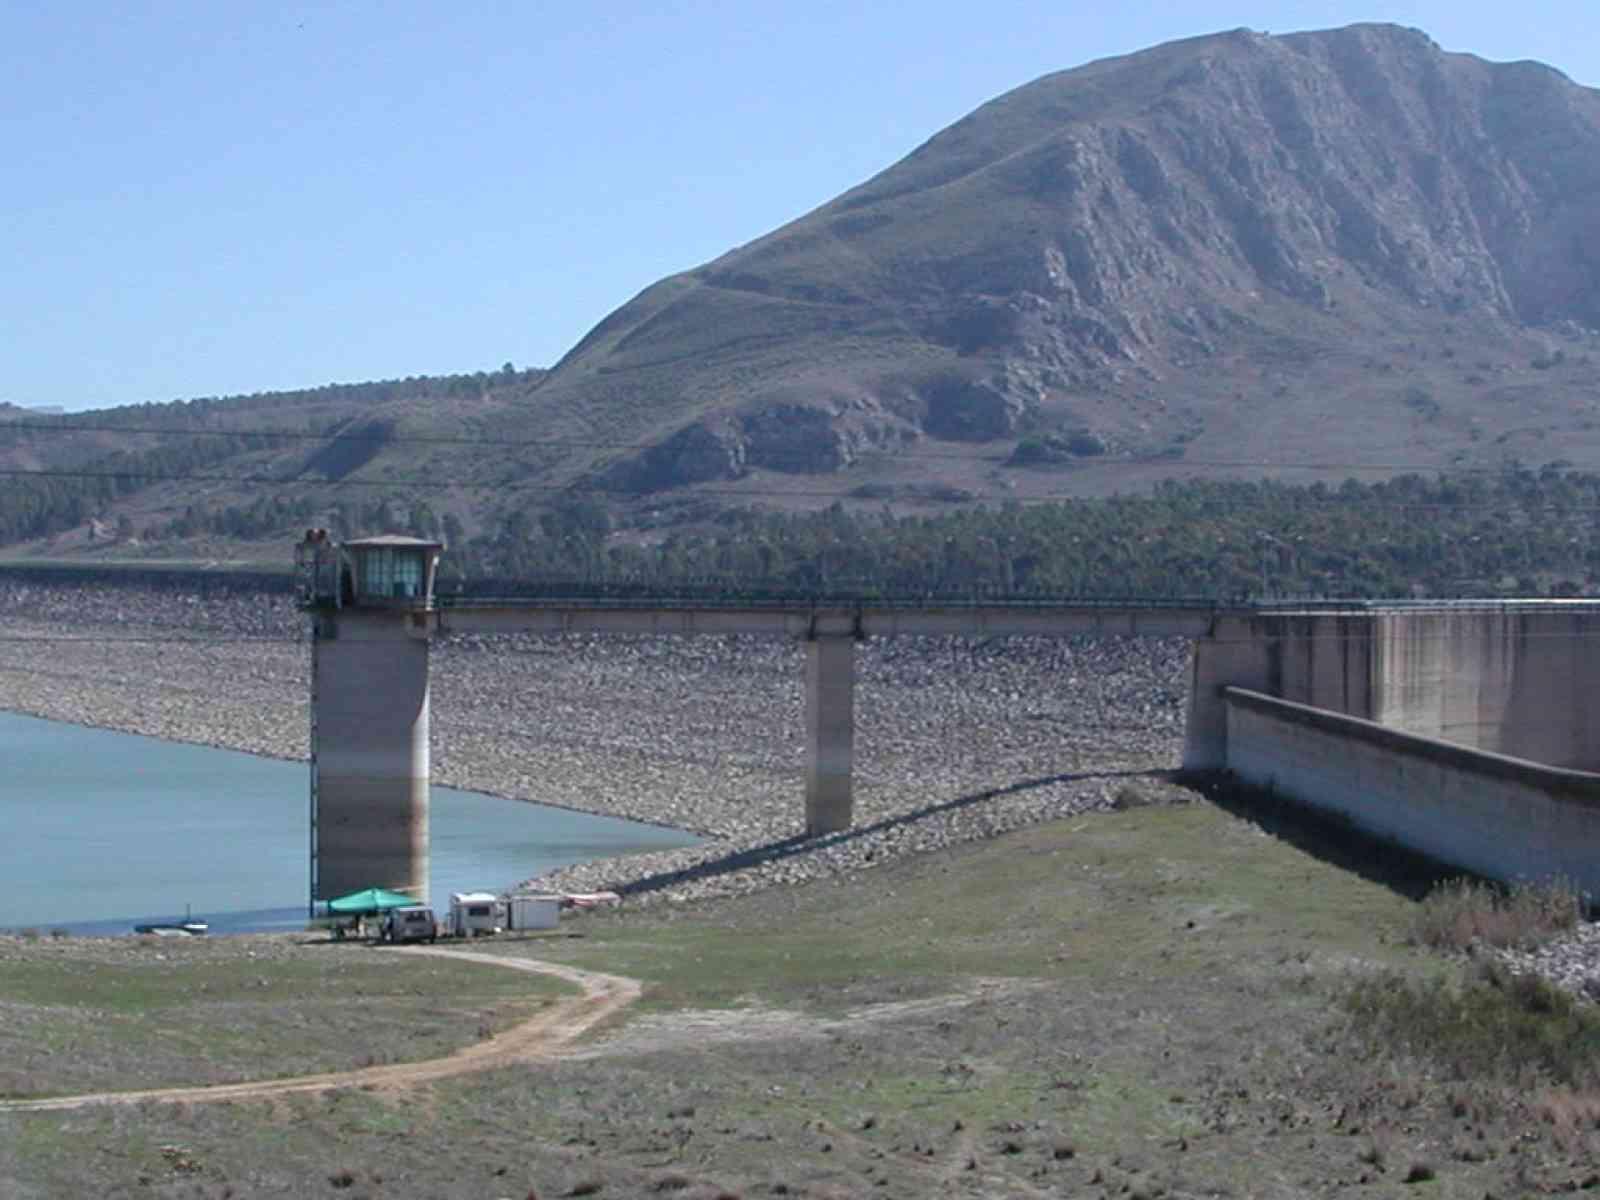 Salaparuta. Approvata mozione per ricostituzione coordinamento dei sindaci per la diga Mario Francese